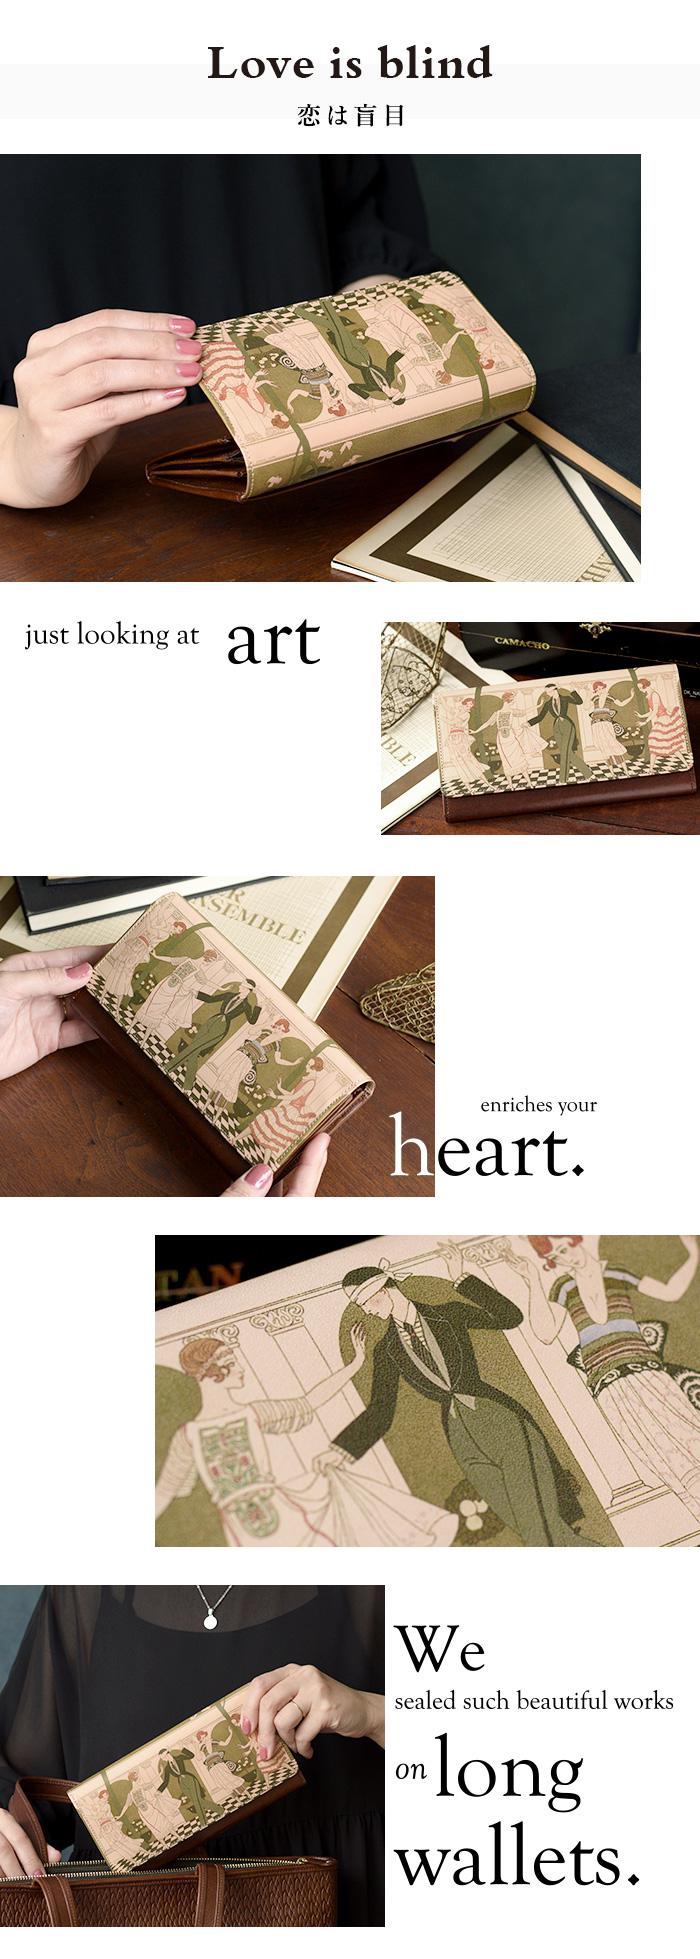 ホック一つでお財布を開閉できます。かぶせ部分前面にアートを入れ、思わず眺めたくなるお財布です。